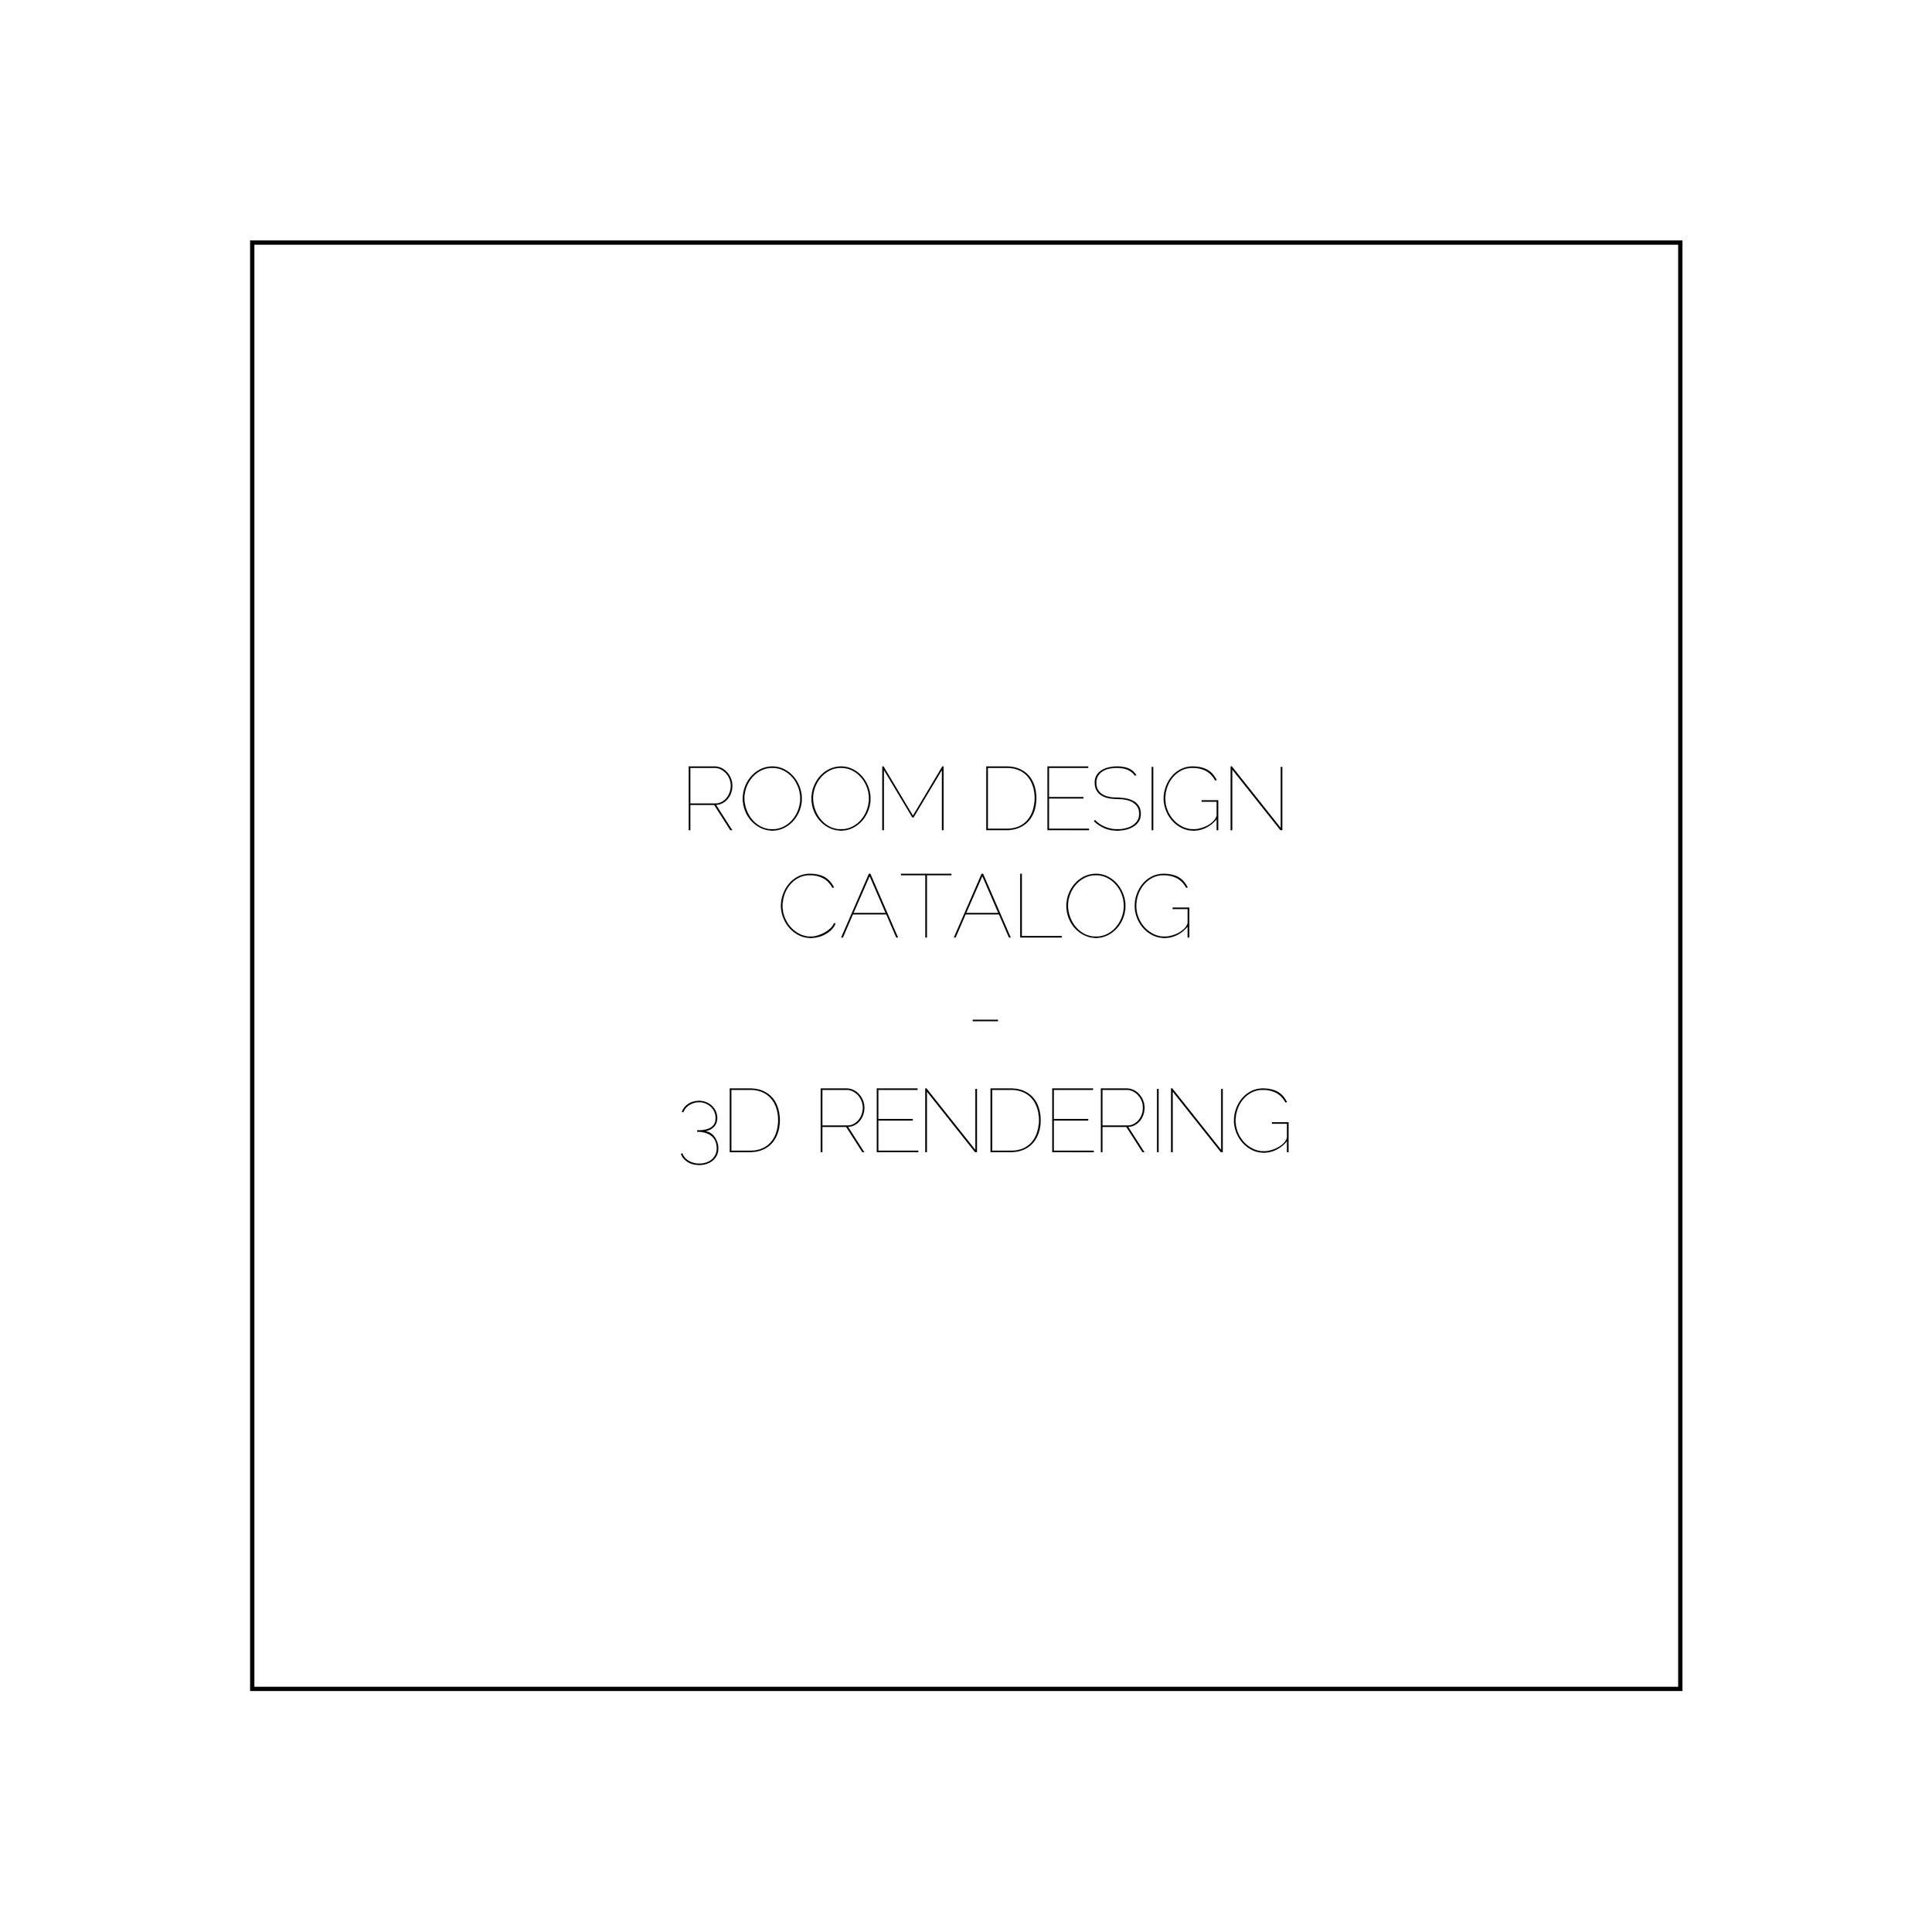 ROOM DESIGN Cover.jpg